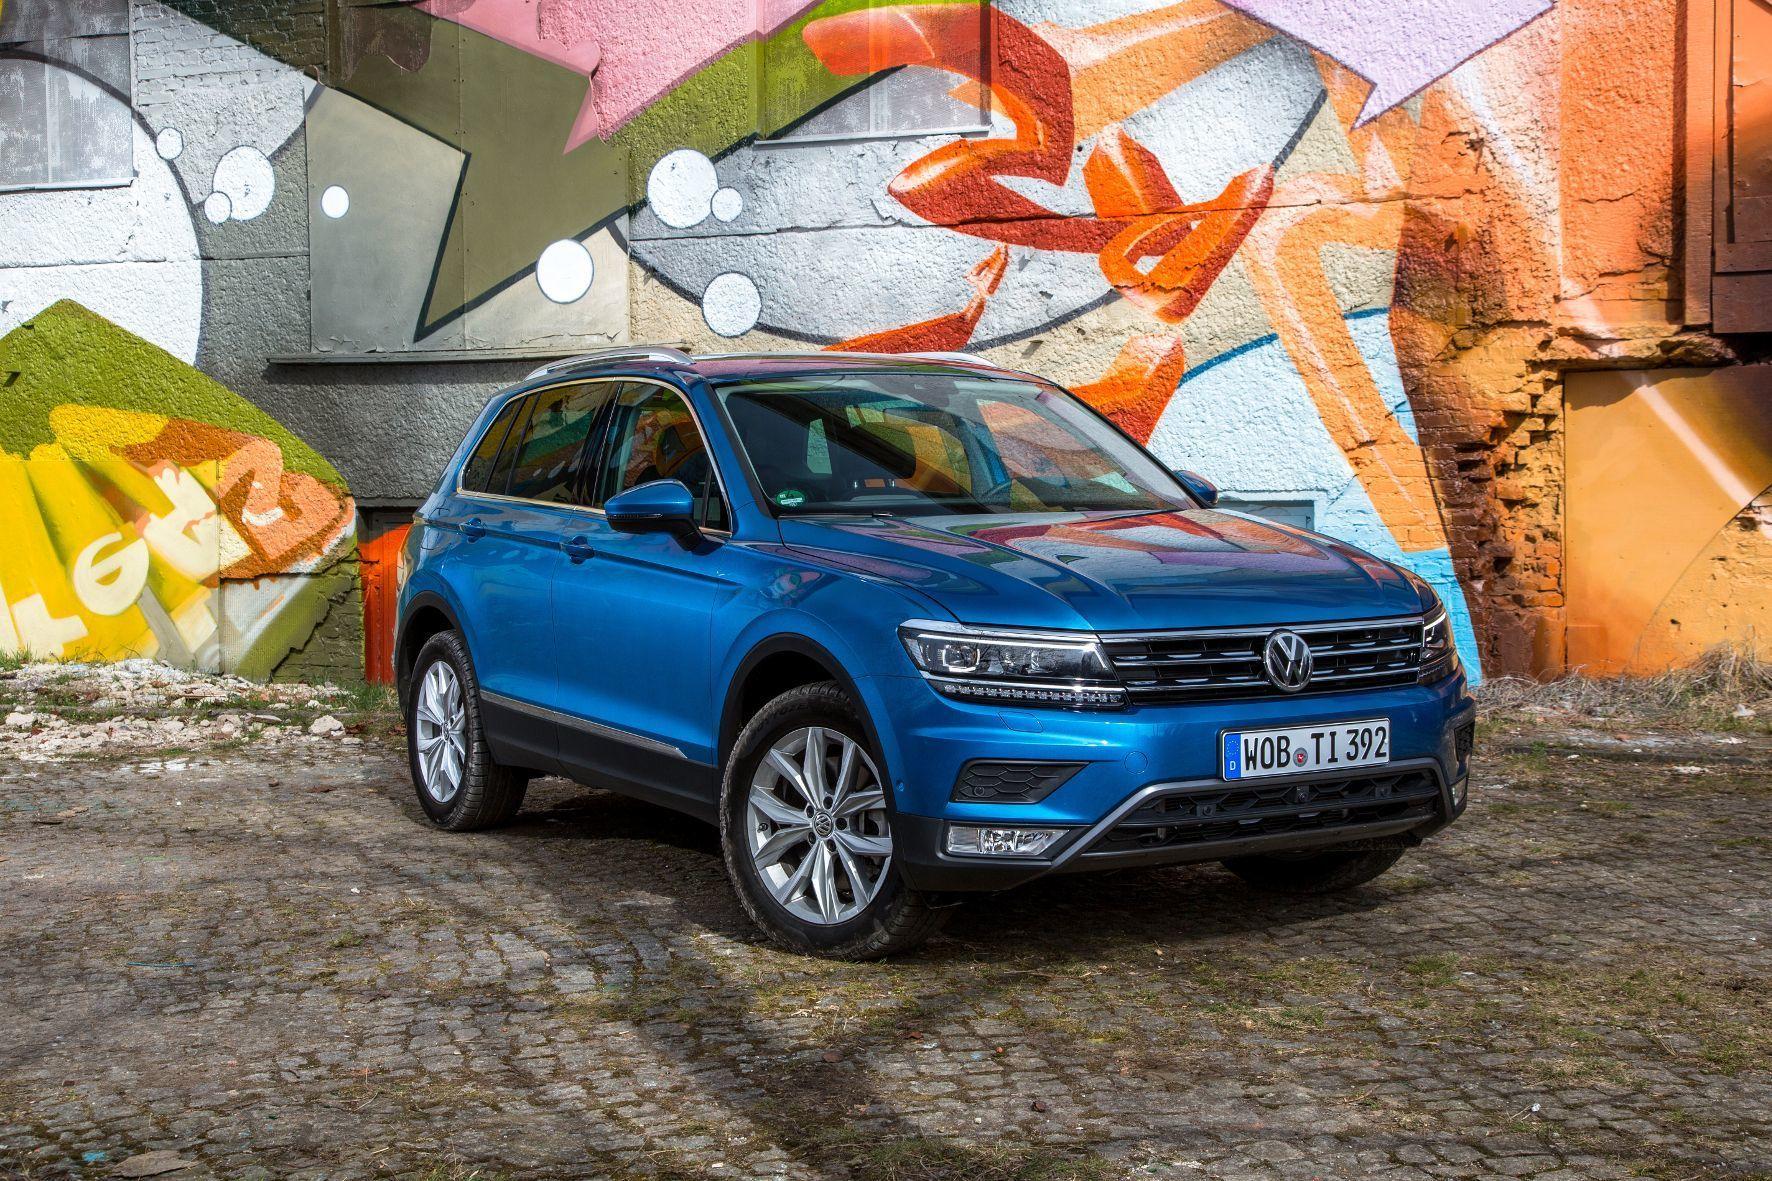 mid Groß-Gerau - Der VW Tiguan hat ein Dauer-Siegerabo bei der Wahl zum besten Allradler unter 30.000 Euro.